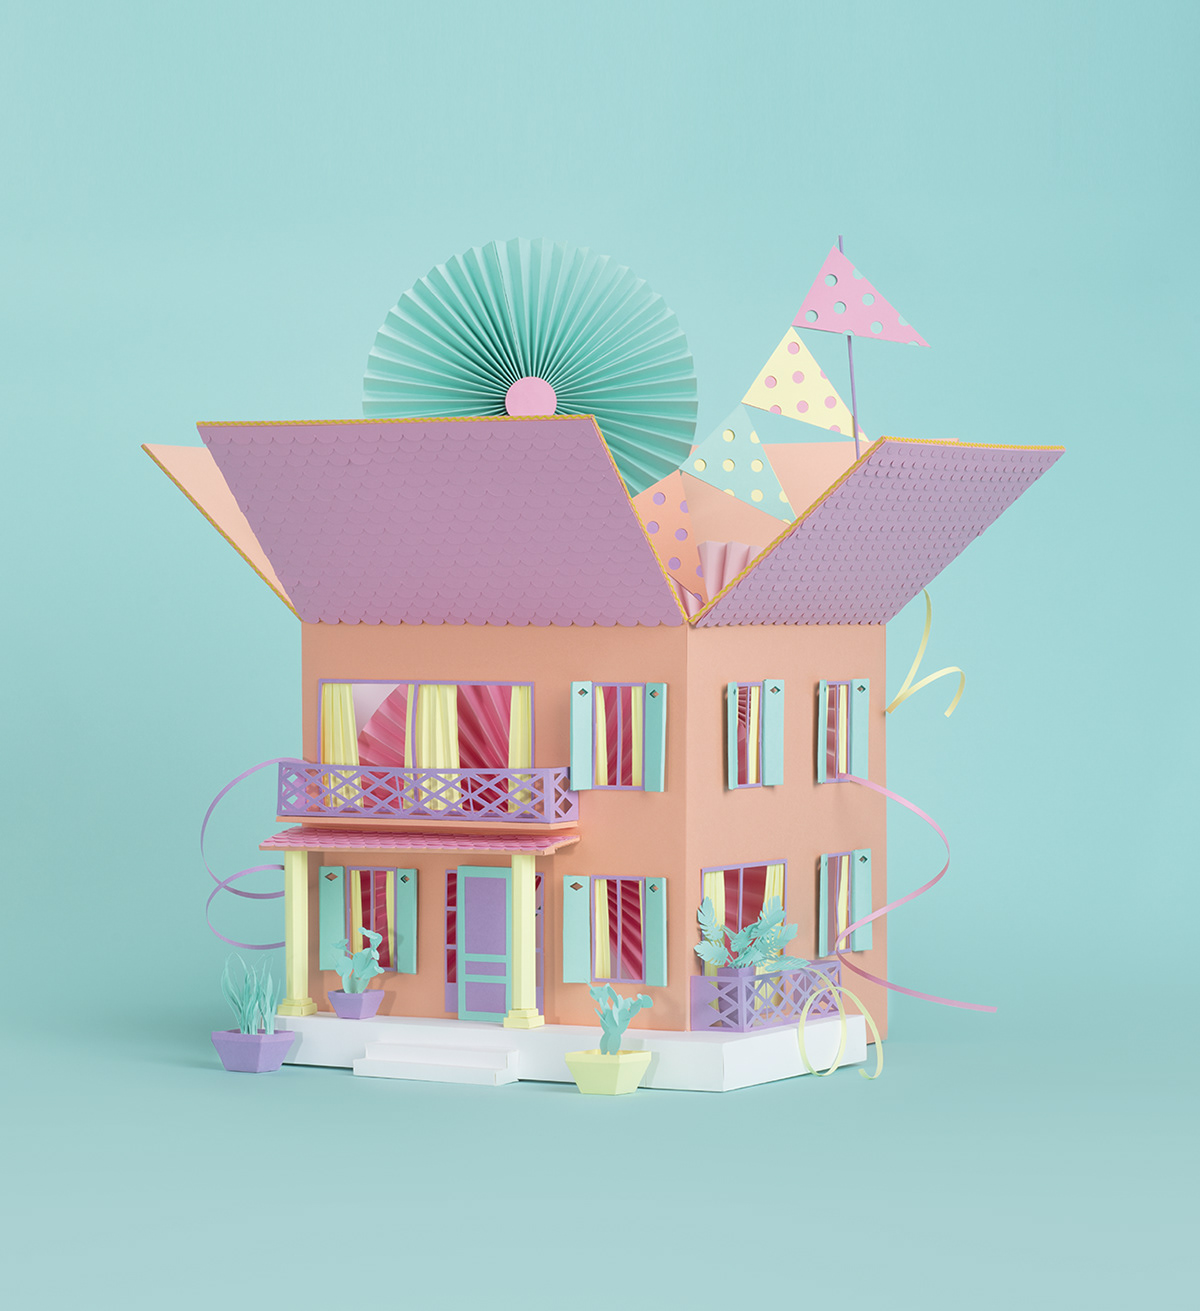 Maud-Vantours-Le-Pot-Commun-campaign-gifthouse